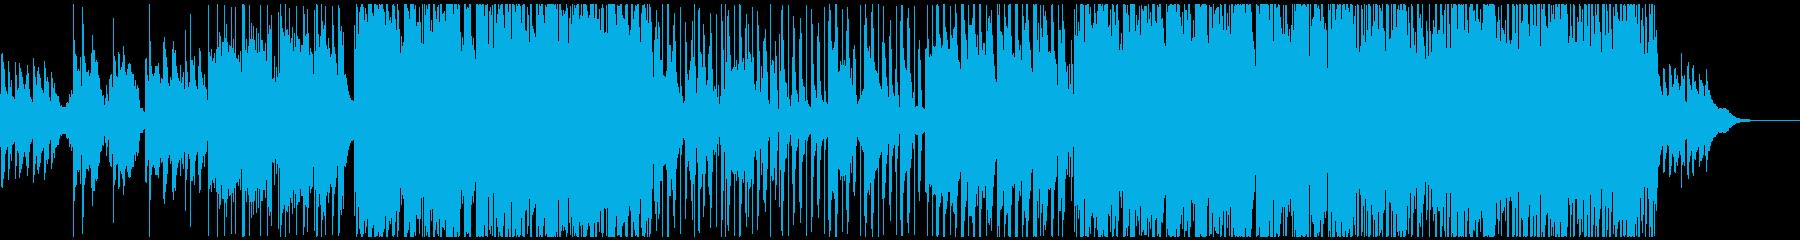 洋楽女性ボーカル/切ない・哀愁・おしゃれの再生済みの波形